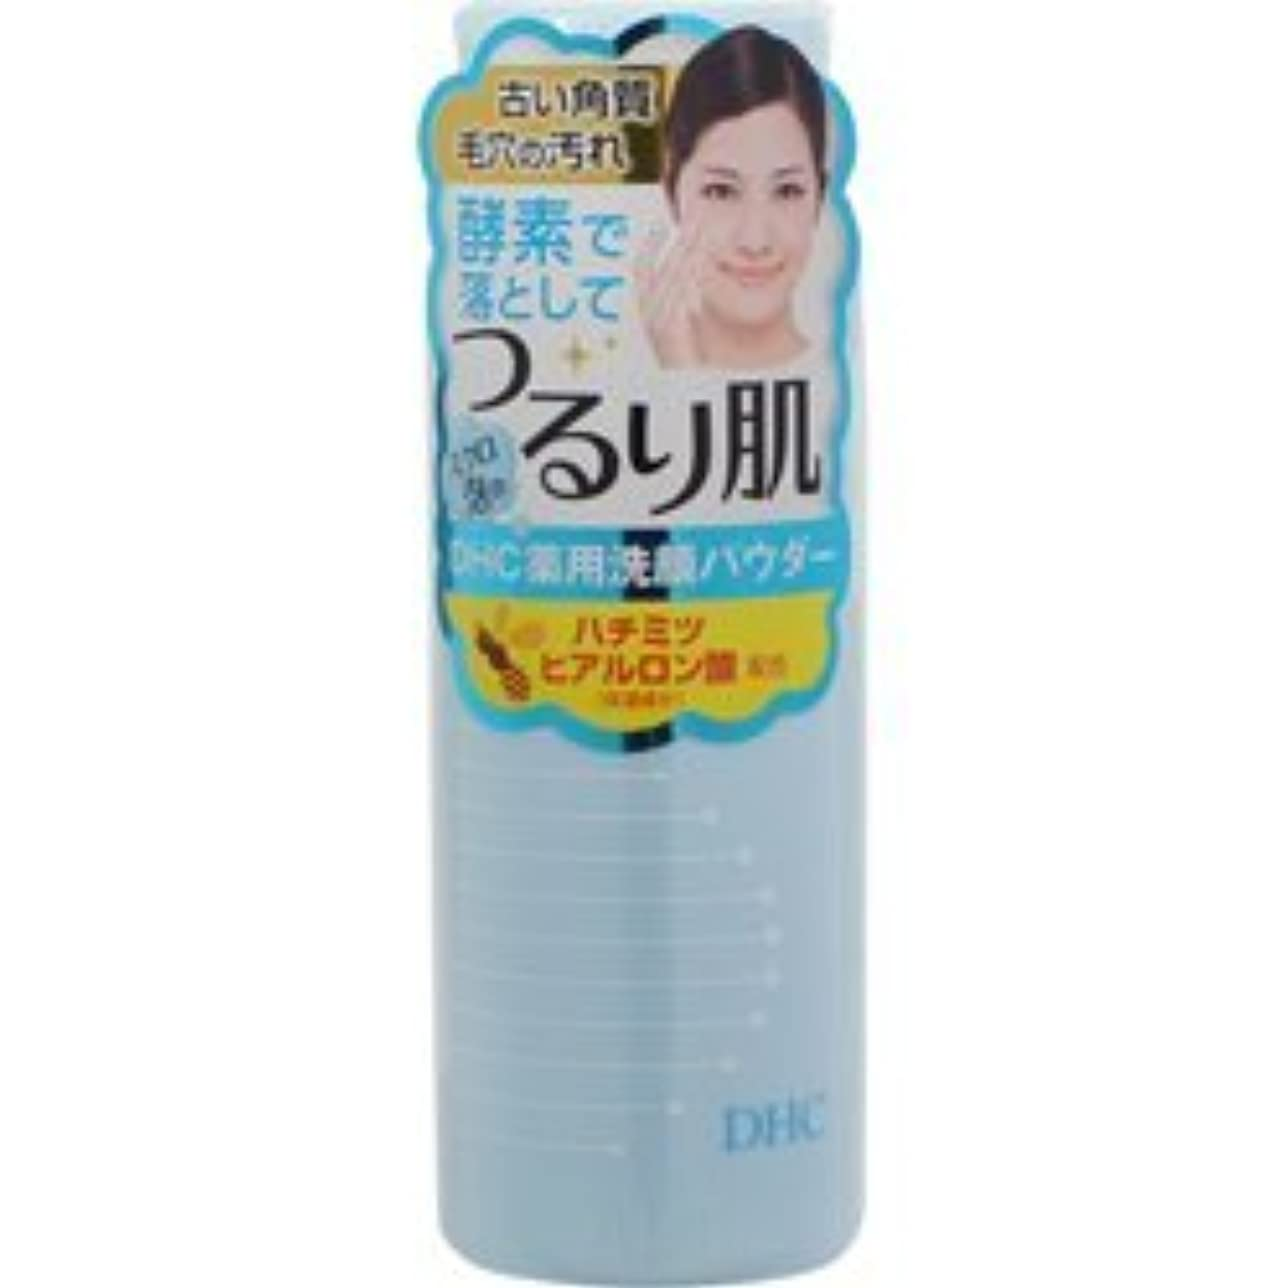 脊椎犯人わずらわしい【DHC】薬用洗顔パウダーSS 50g ×5個セット